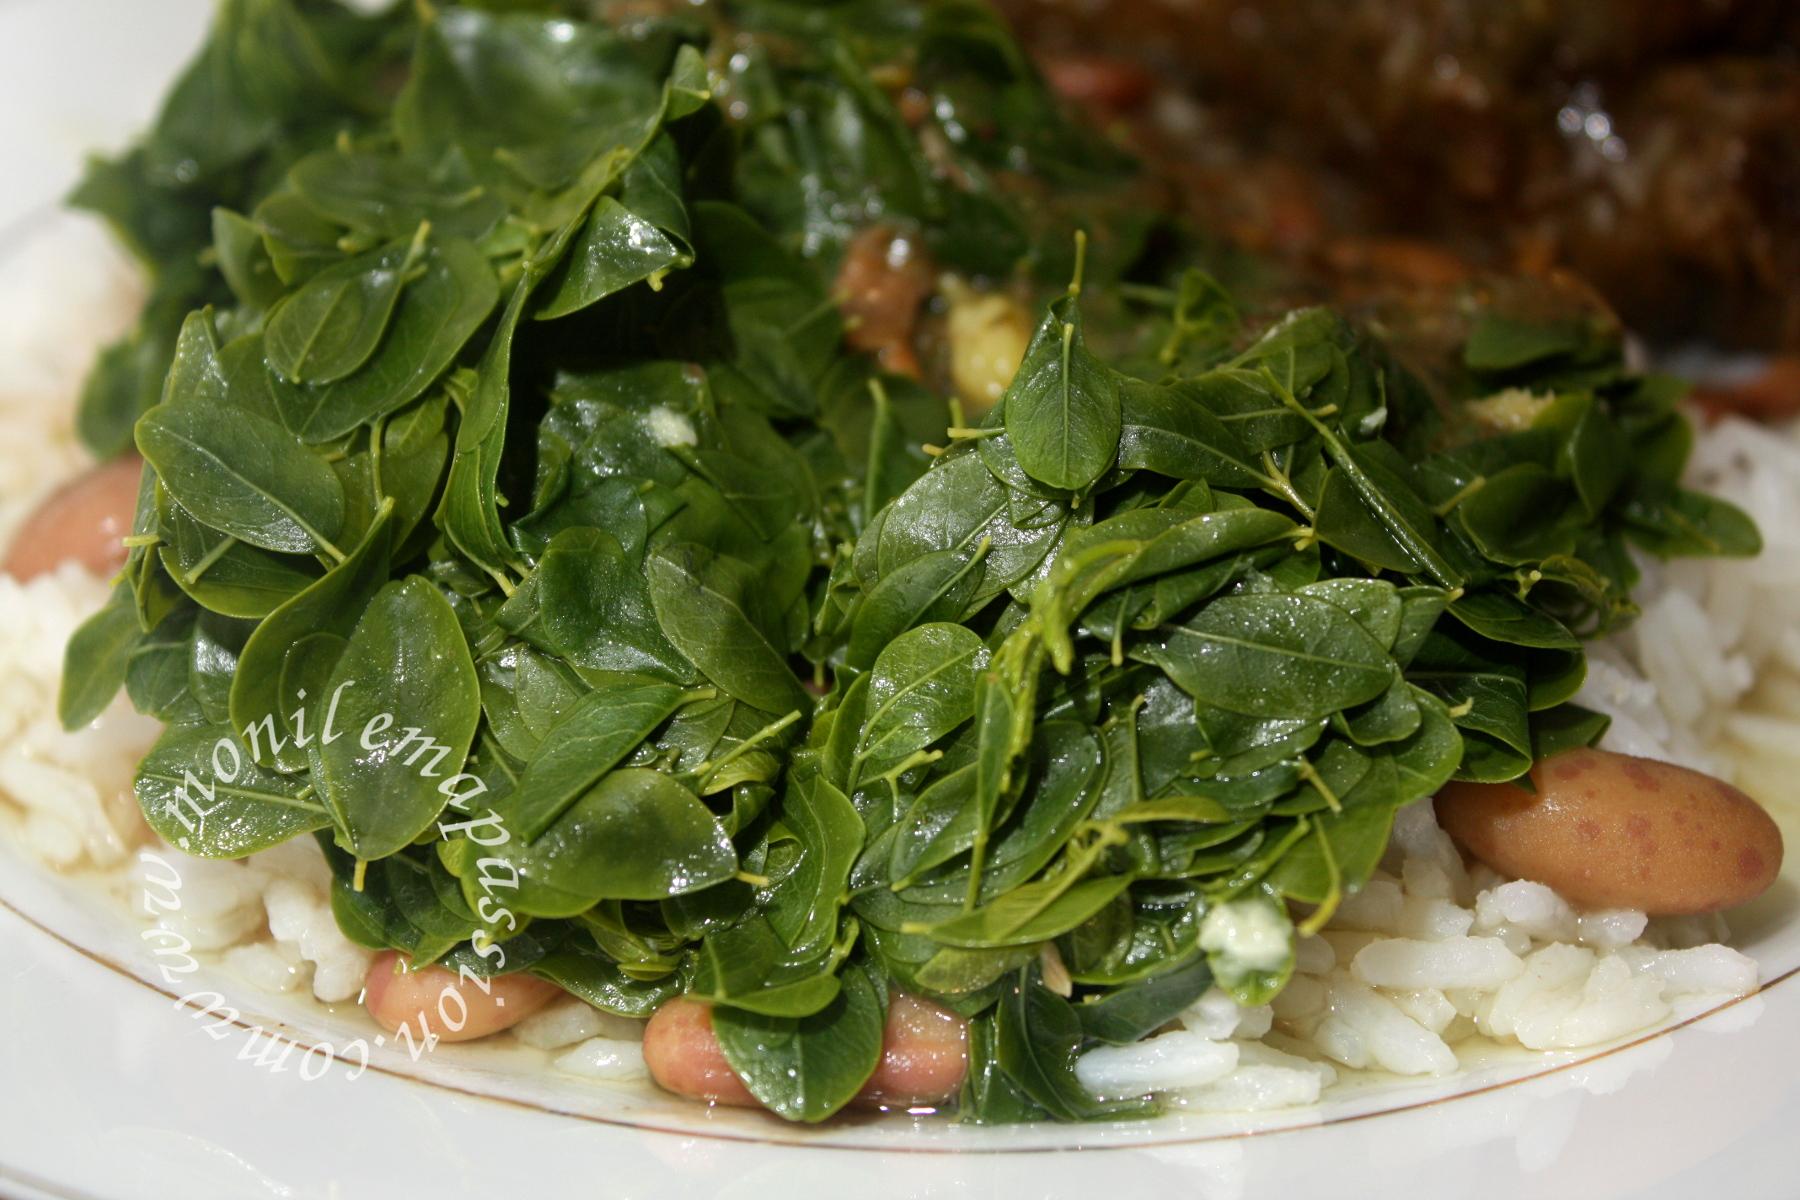 Bouillon de brèdes mourong – Moringa broth